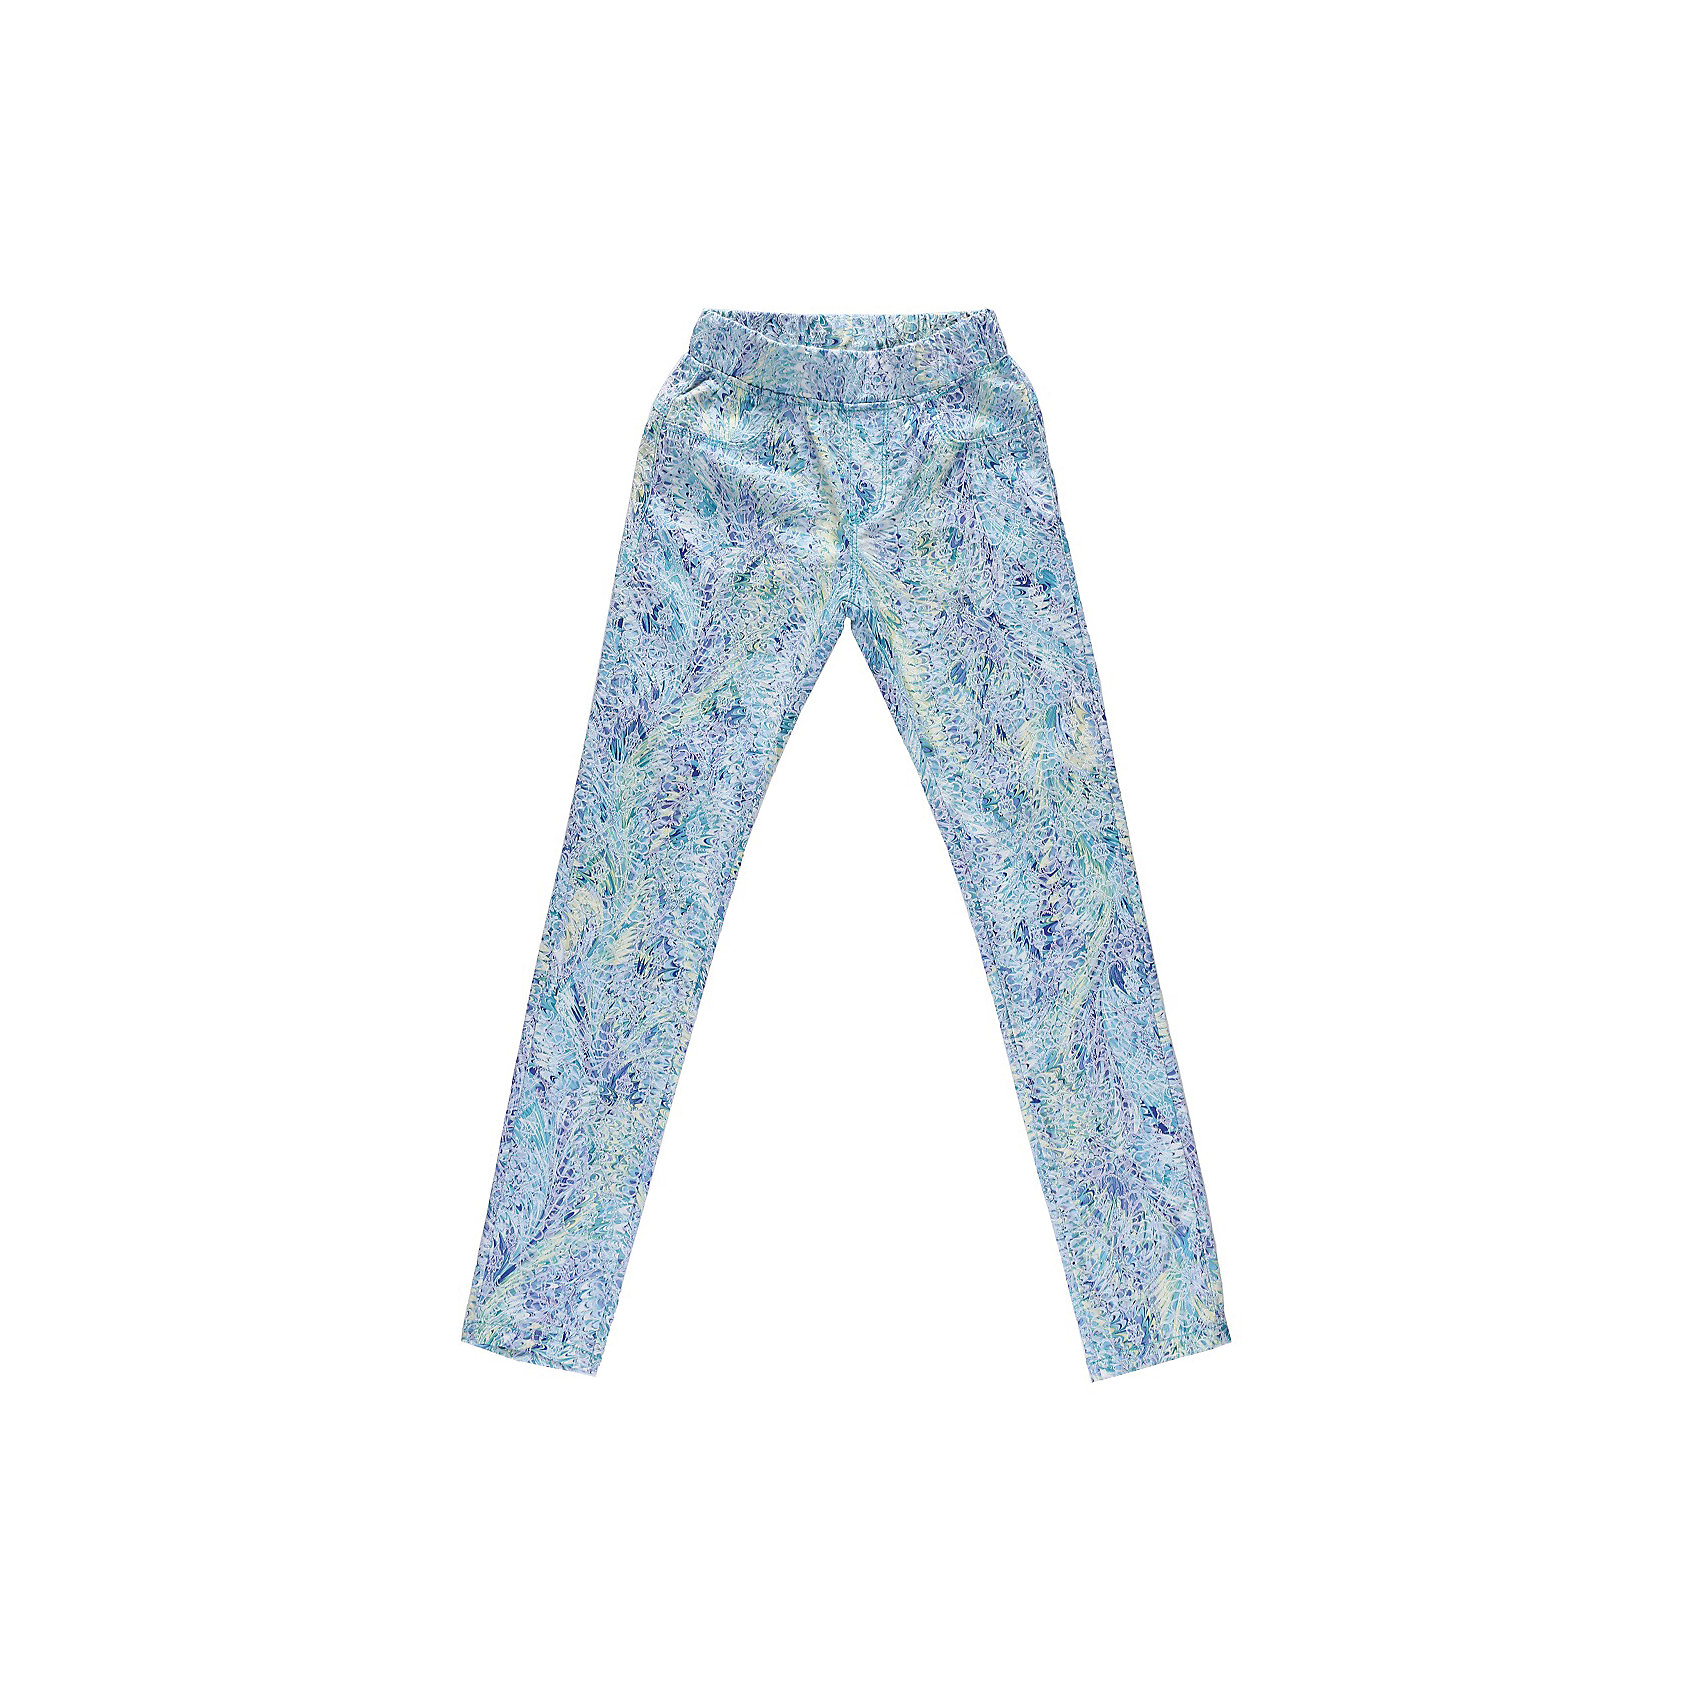 Брюки для девочки LuminosoТекстильные брюки с жаккардовым принтом.<br>Состав:<br>98% хлопок, 2% эластан<br><br>Ширина мм: 215<br>Глубина мм: 88<br>Высота мм: 191<br>Вес г: 336<br>Цвет: разноцветный<br>Возраст от месяцев: 144<br>Возраст до месяцев: 156<br>Пол: Женский<br>Возраст: Детский<br>Размер: 158,134,140,146,164,152<br>SKU: 4521702